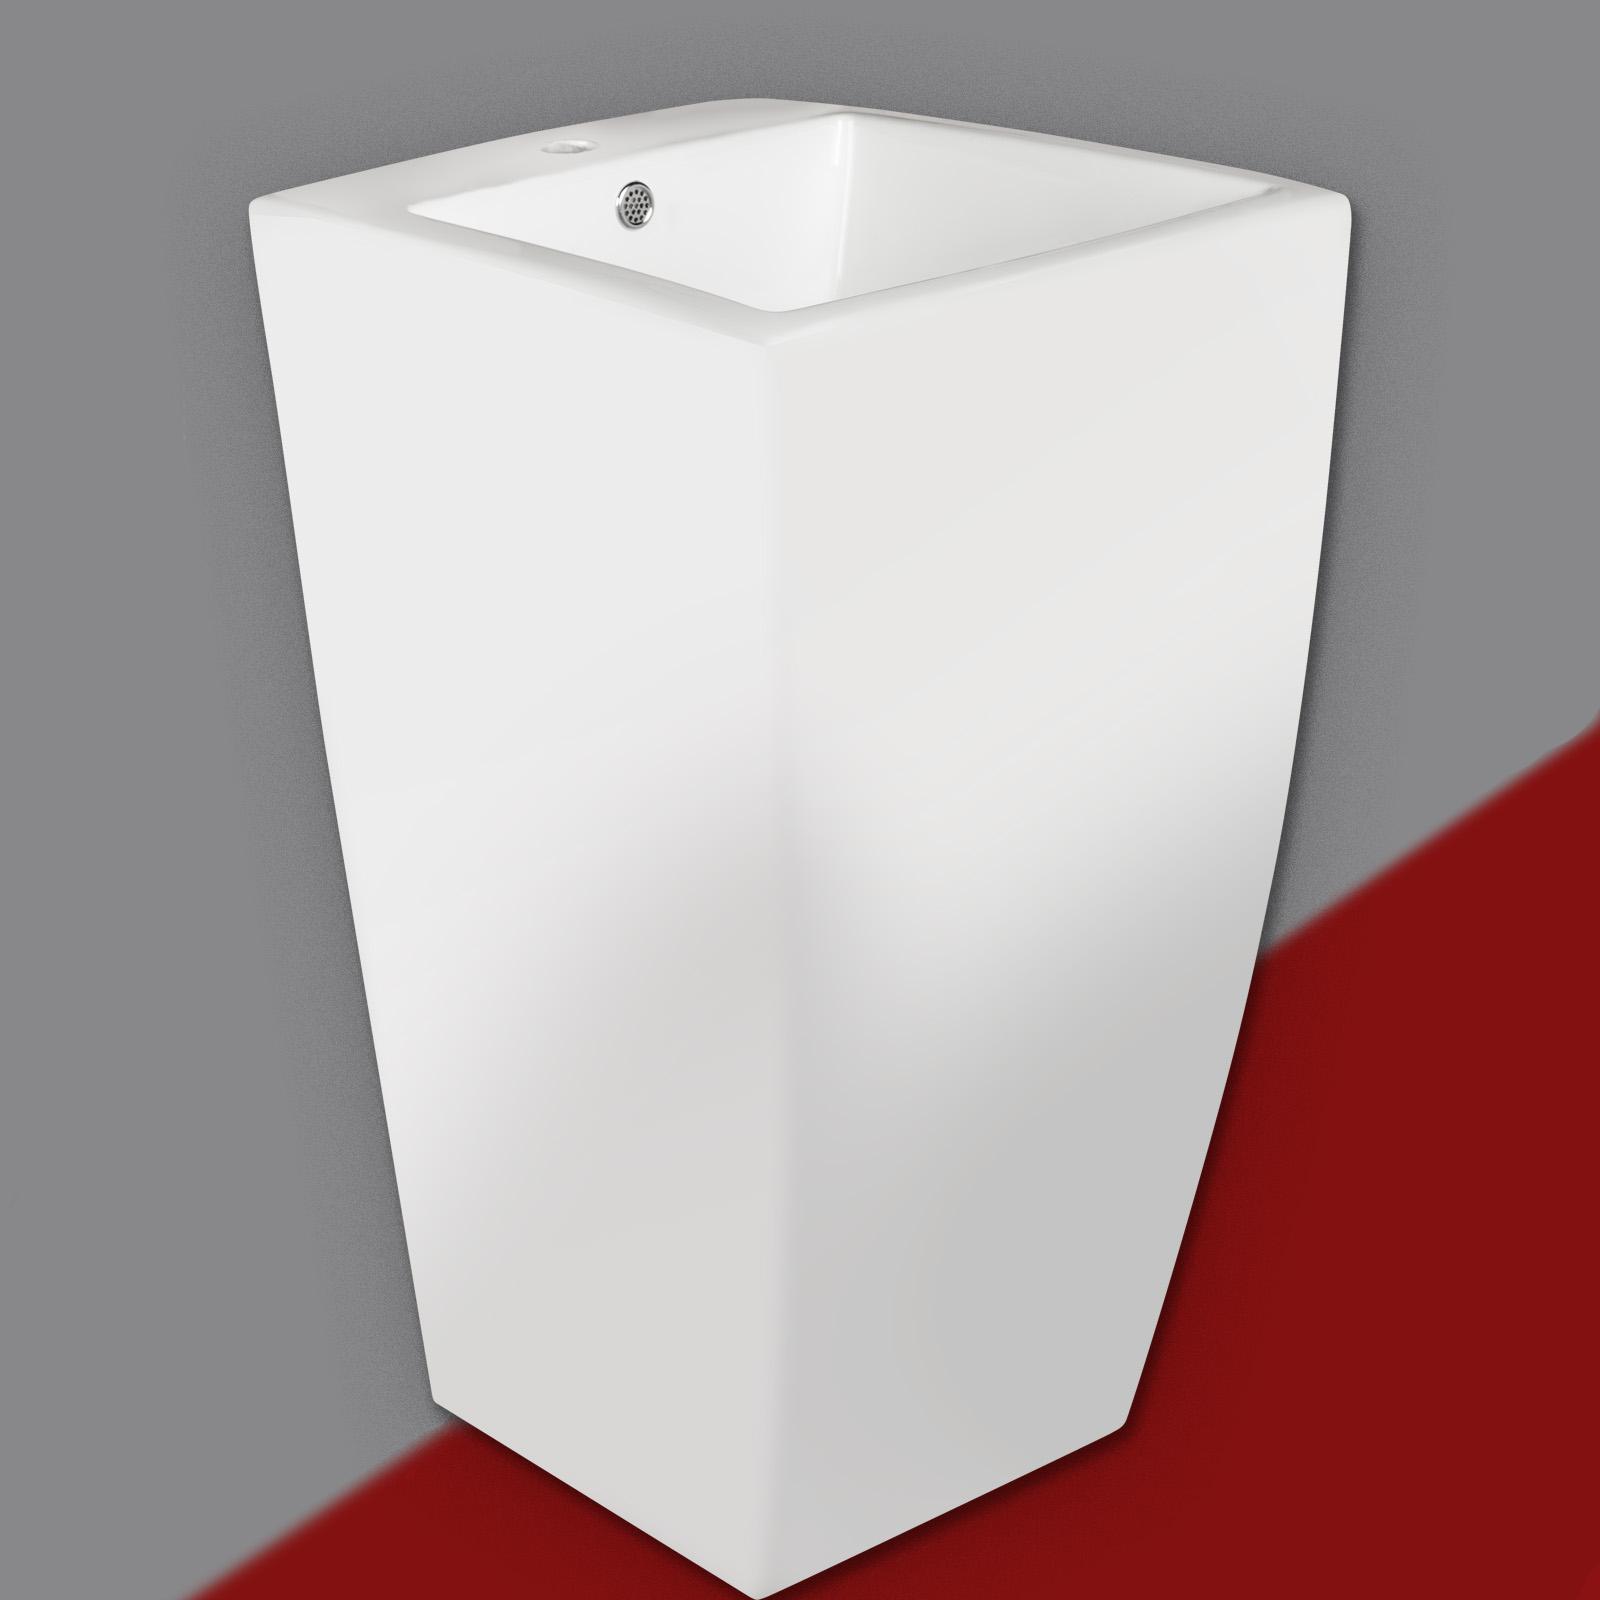 design waschbecken stand waschtisch standwaschbecken waschtischs ule s ule keram ebay. Black Bedroom Furniture Sets. Home Design Ideas